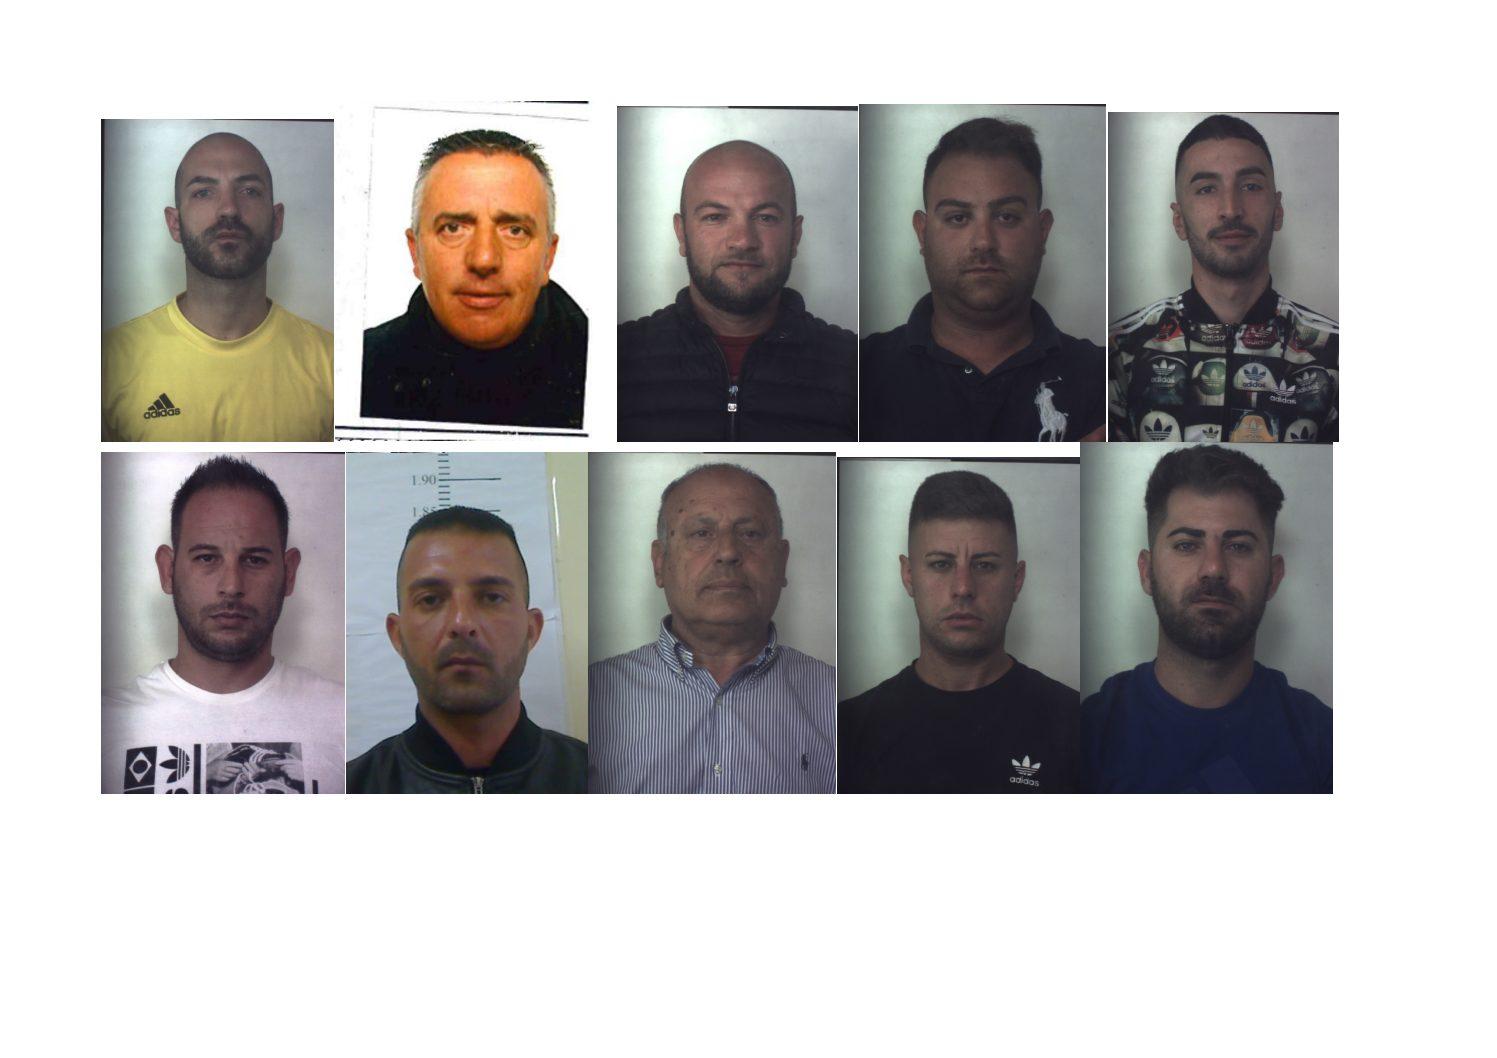 Arrestate 11 persone appartenenti a banda dedita allo spaccio di droga tra Siracusa e Priolo Gargallo